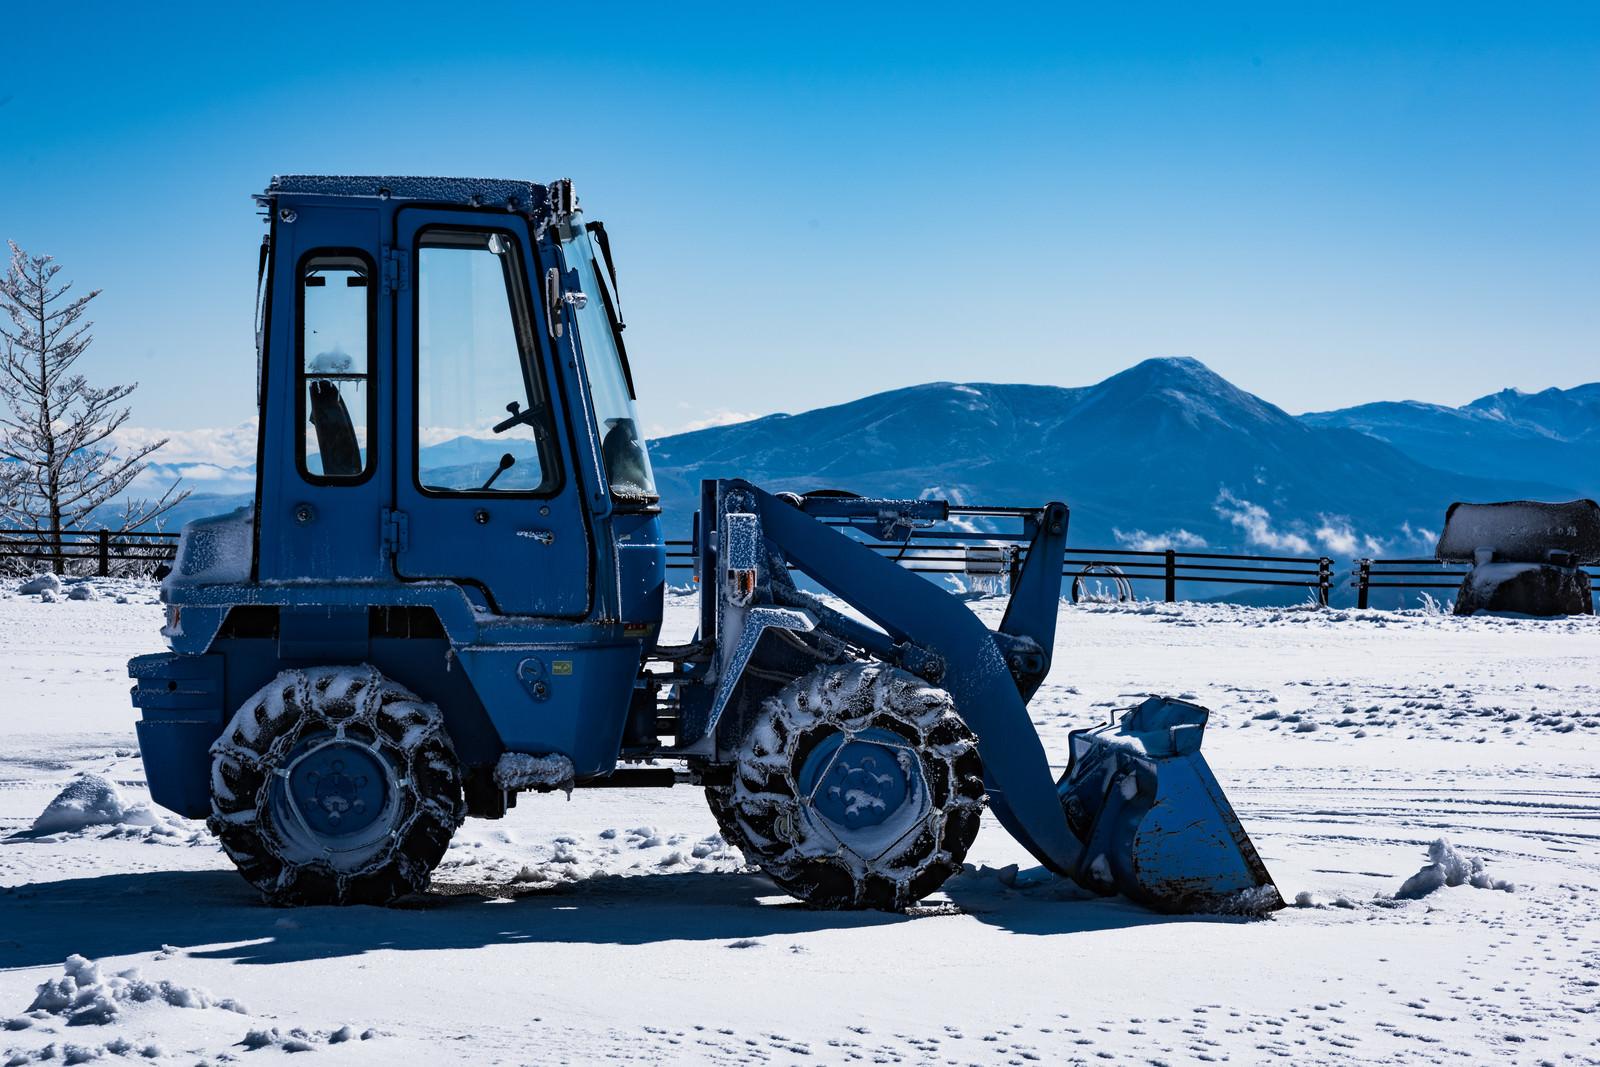 「停車中の除雪車」の写真